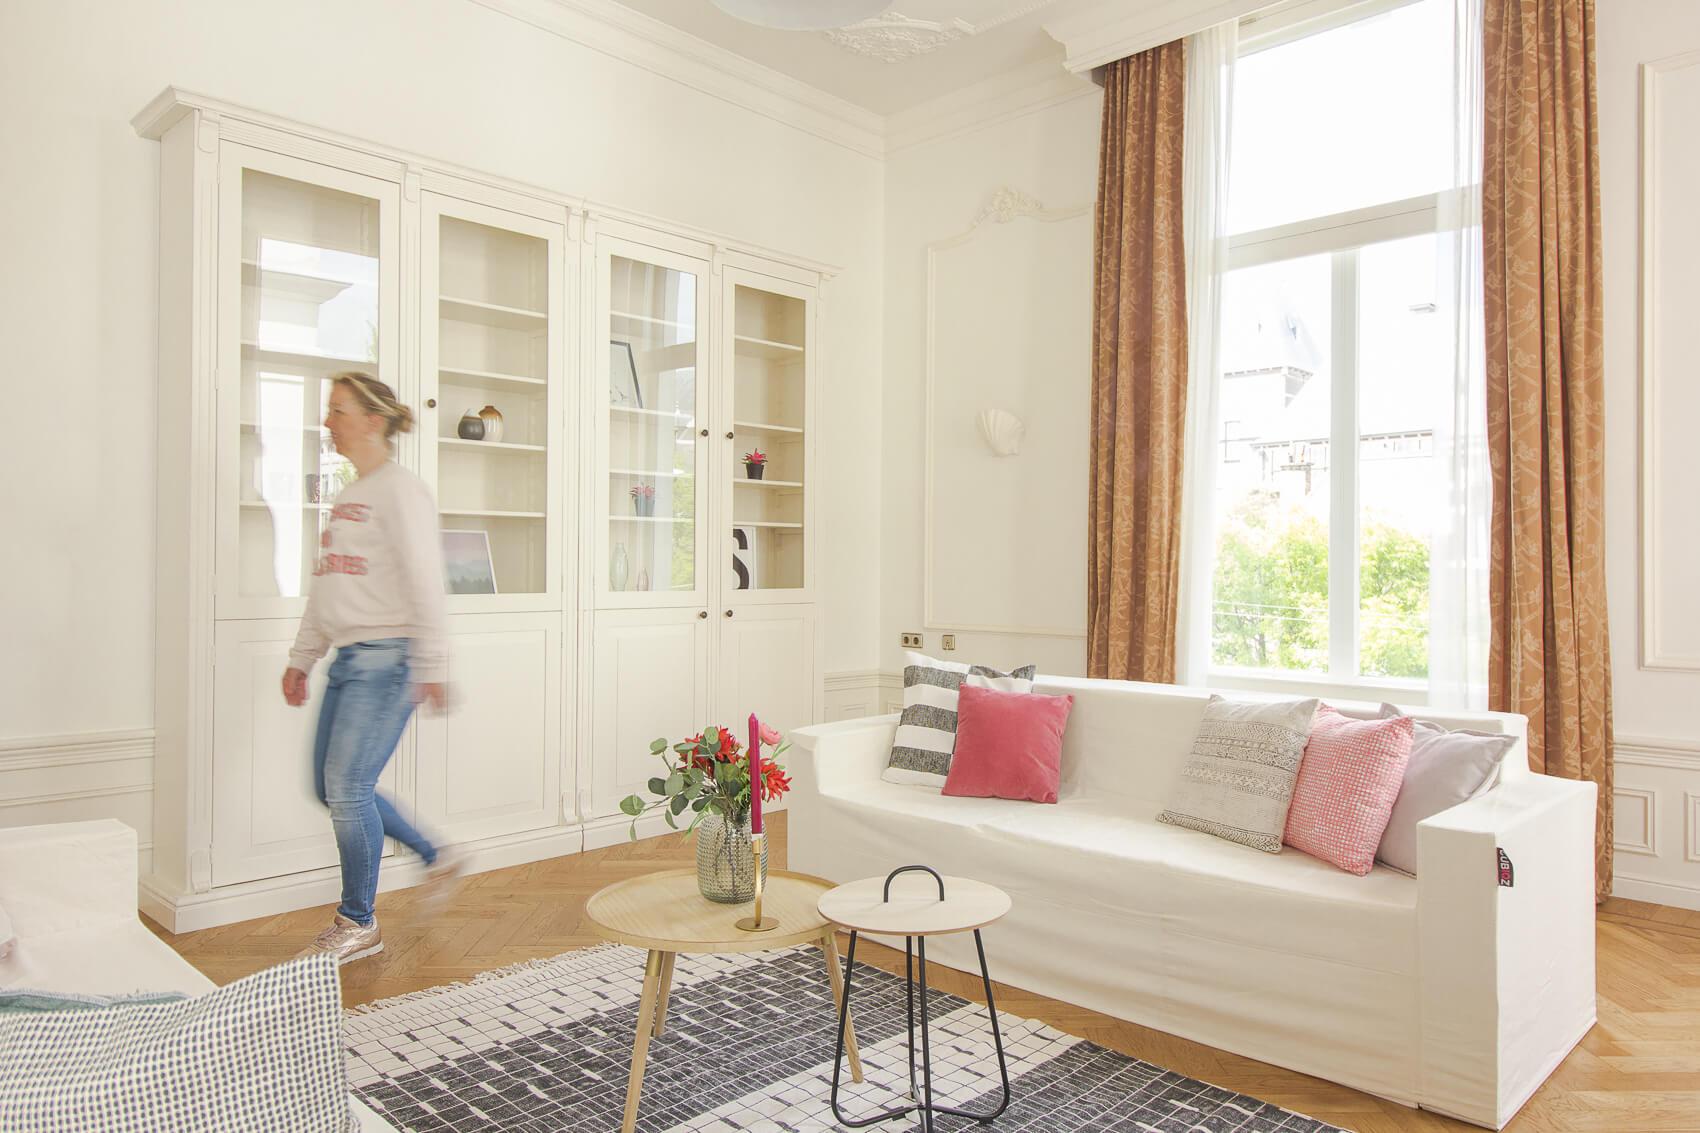 casa&co. brengt sfeer in een lege woning